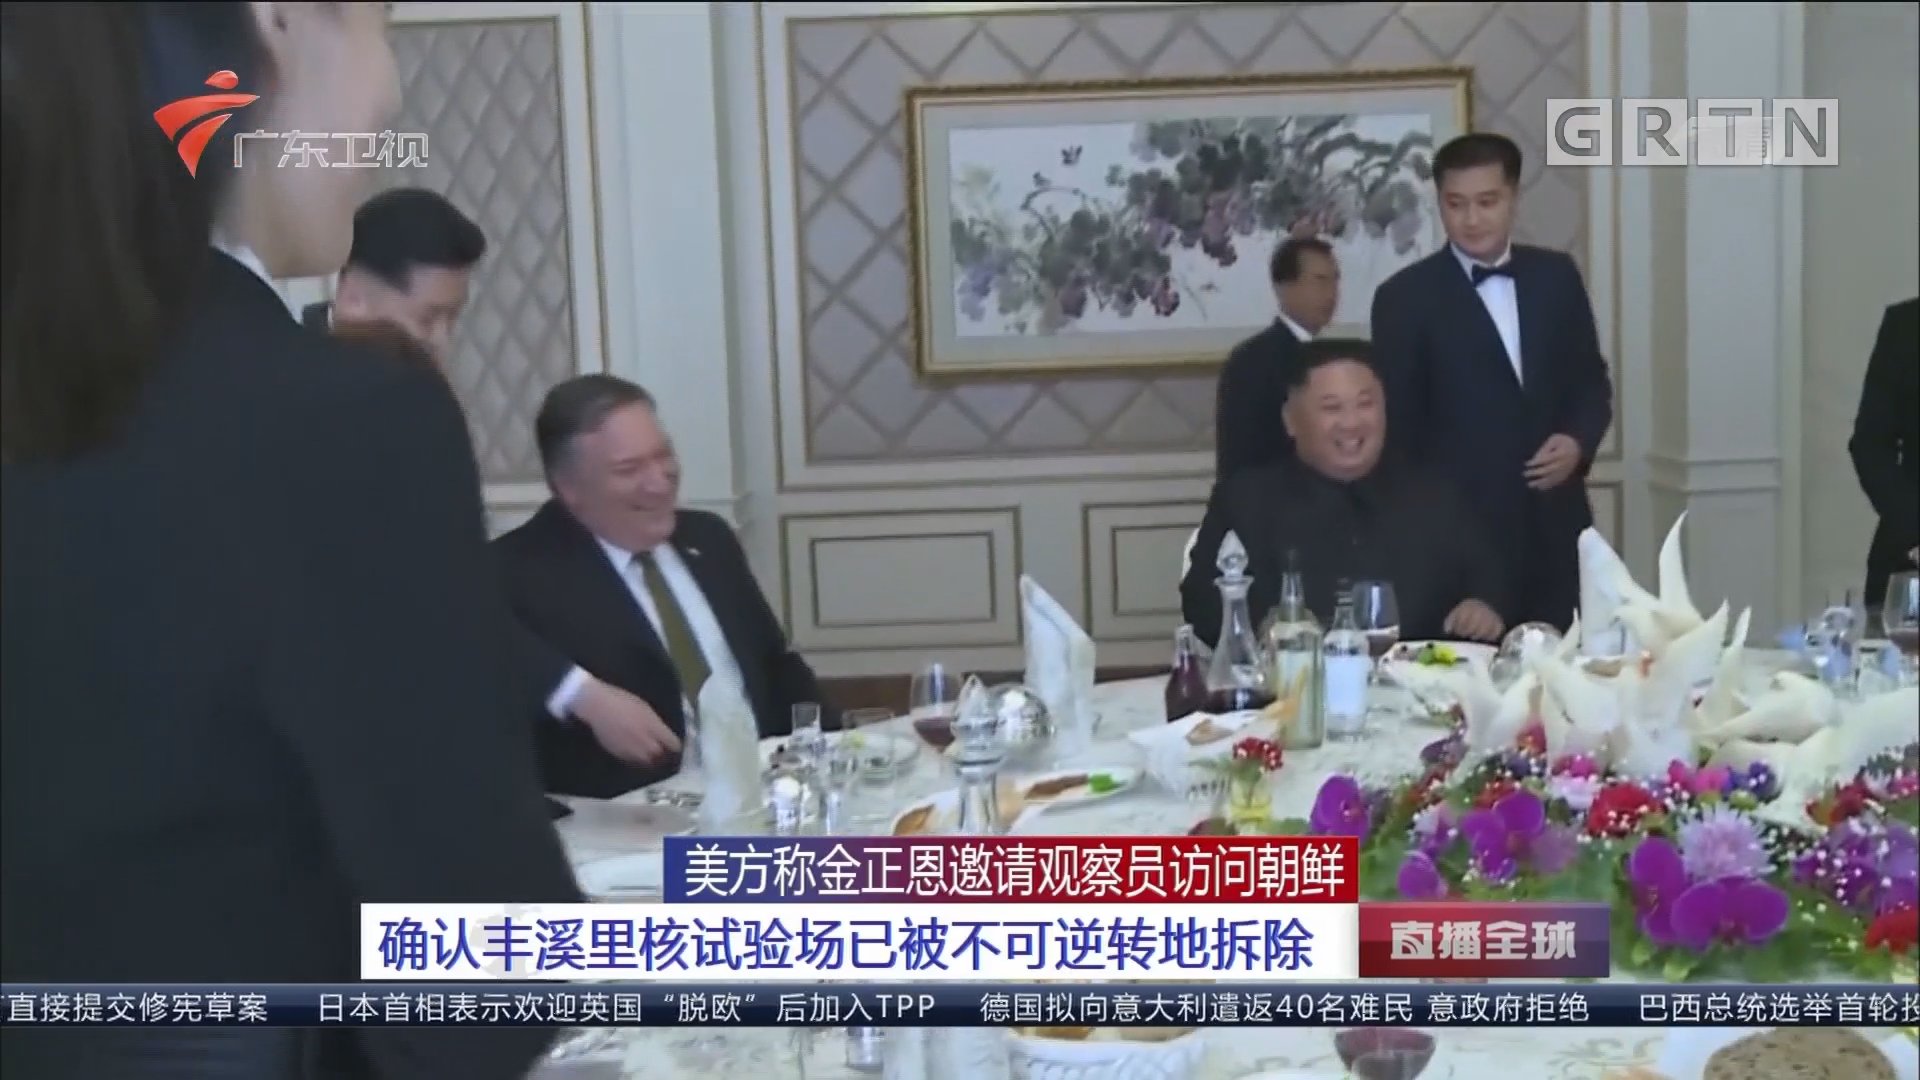 美方称金正恩邀请观察员访问朝鲜:确认丰溪里核试验场已被不可逆转地拆除